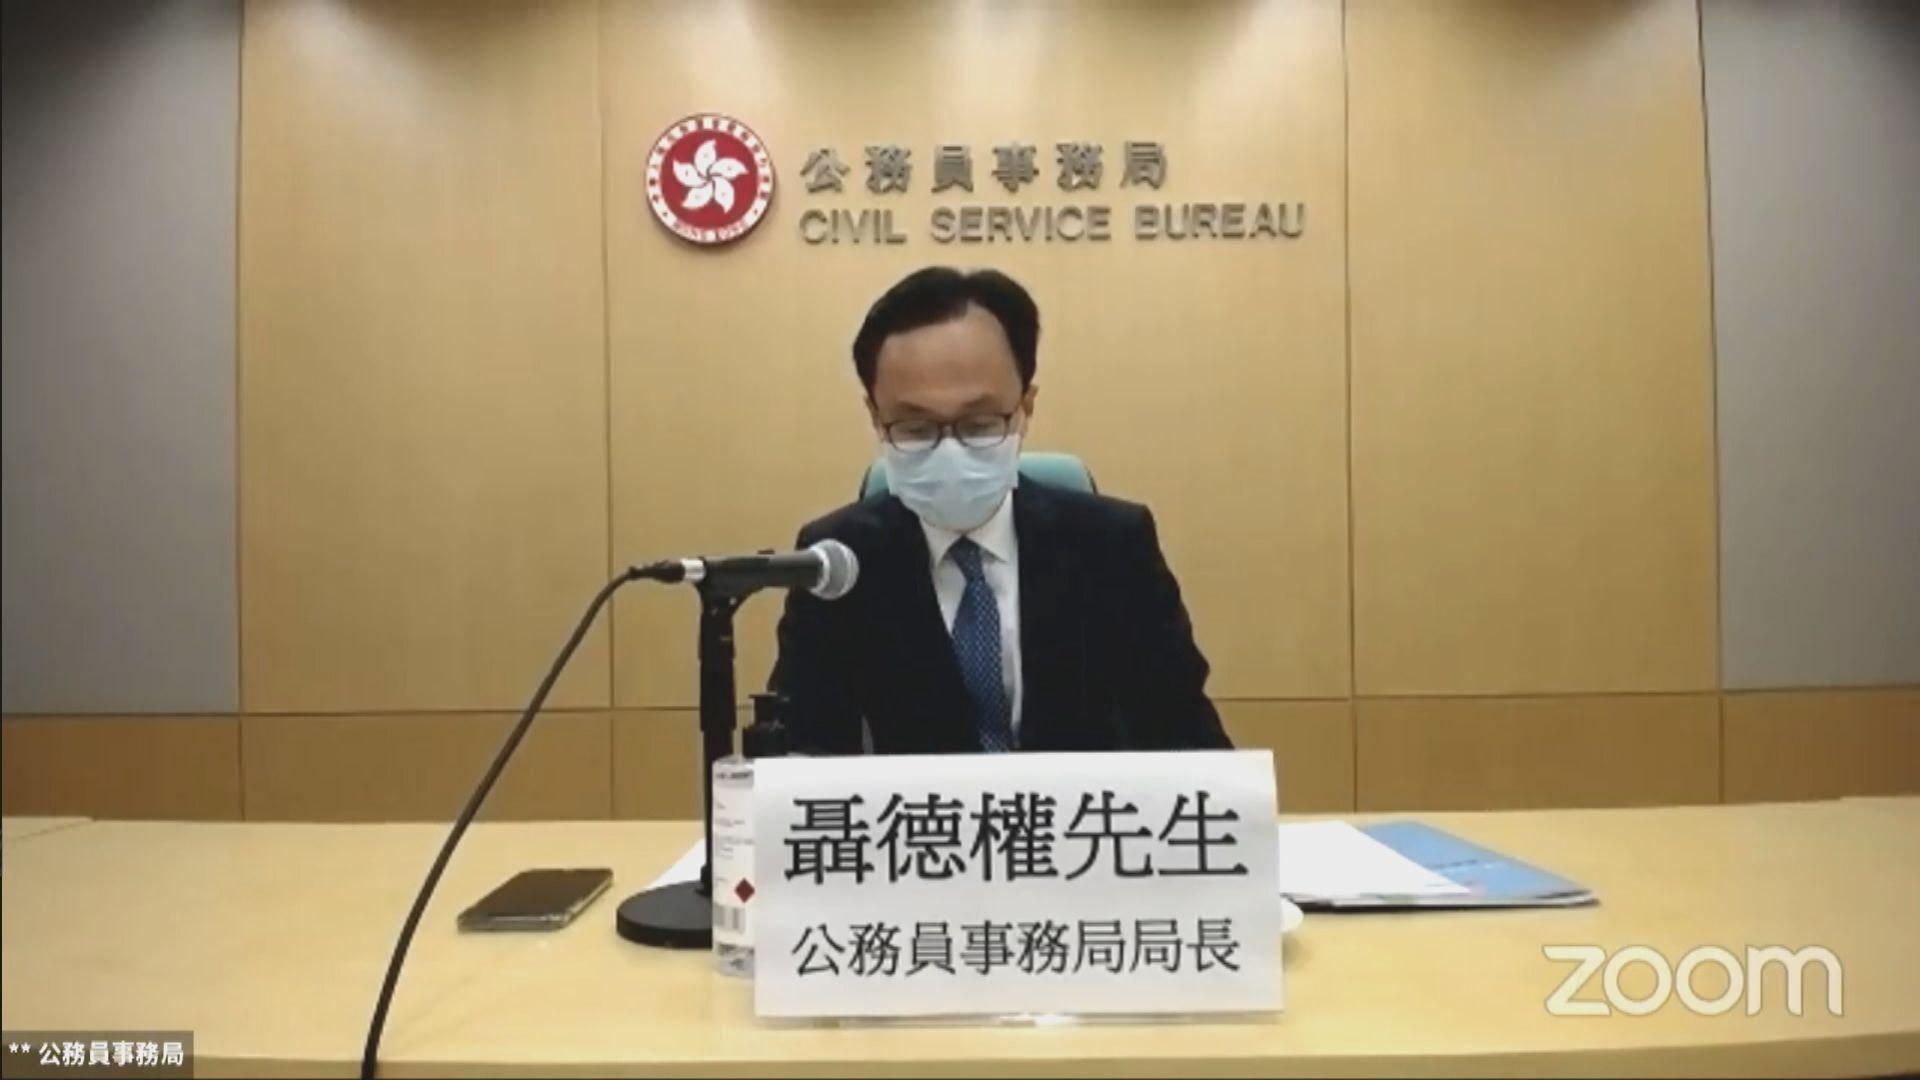 聶德權:若現職公務員拒簽聲明將被著令退休